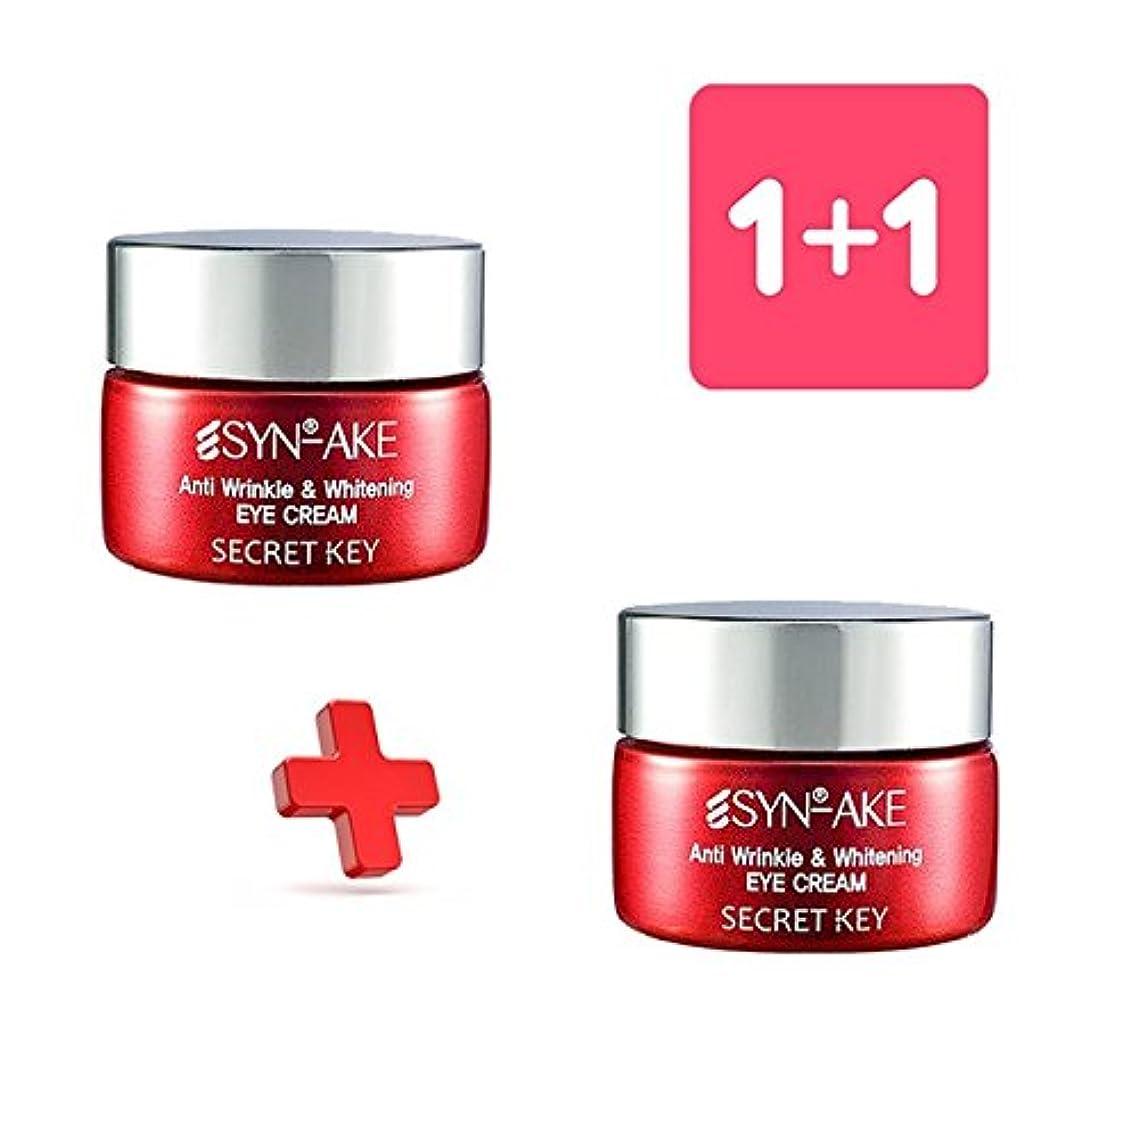 キャベツお嬢逸脱Secret Key Synake Premiun Anti Wrinkle Whitening Eye Cream 1+1 Big Sale 15gx2Ea [並行輸入品]